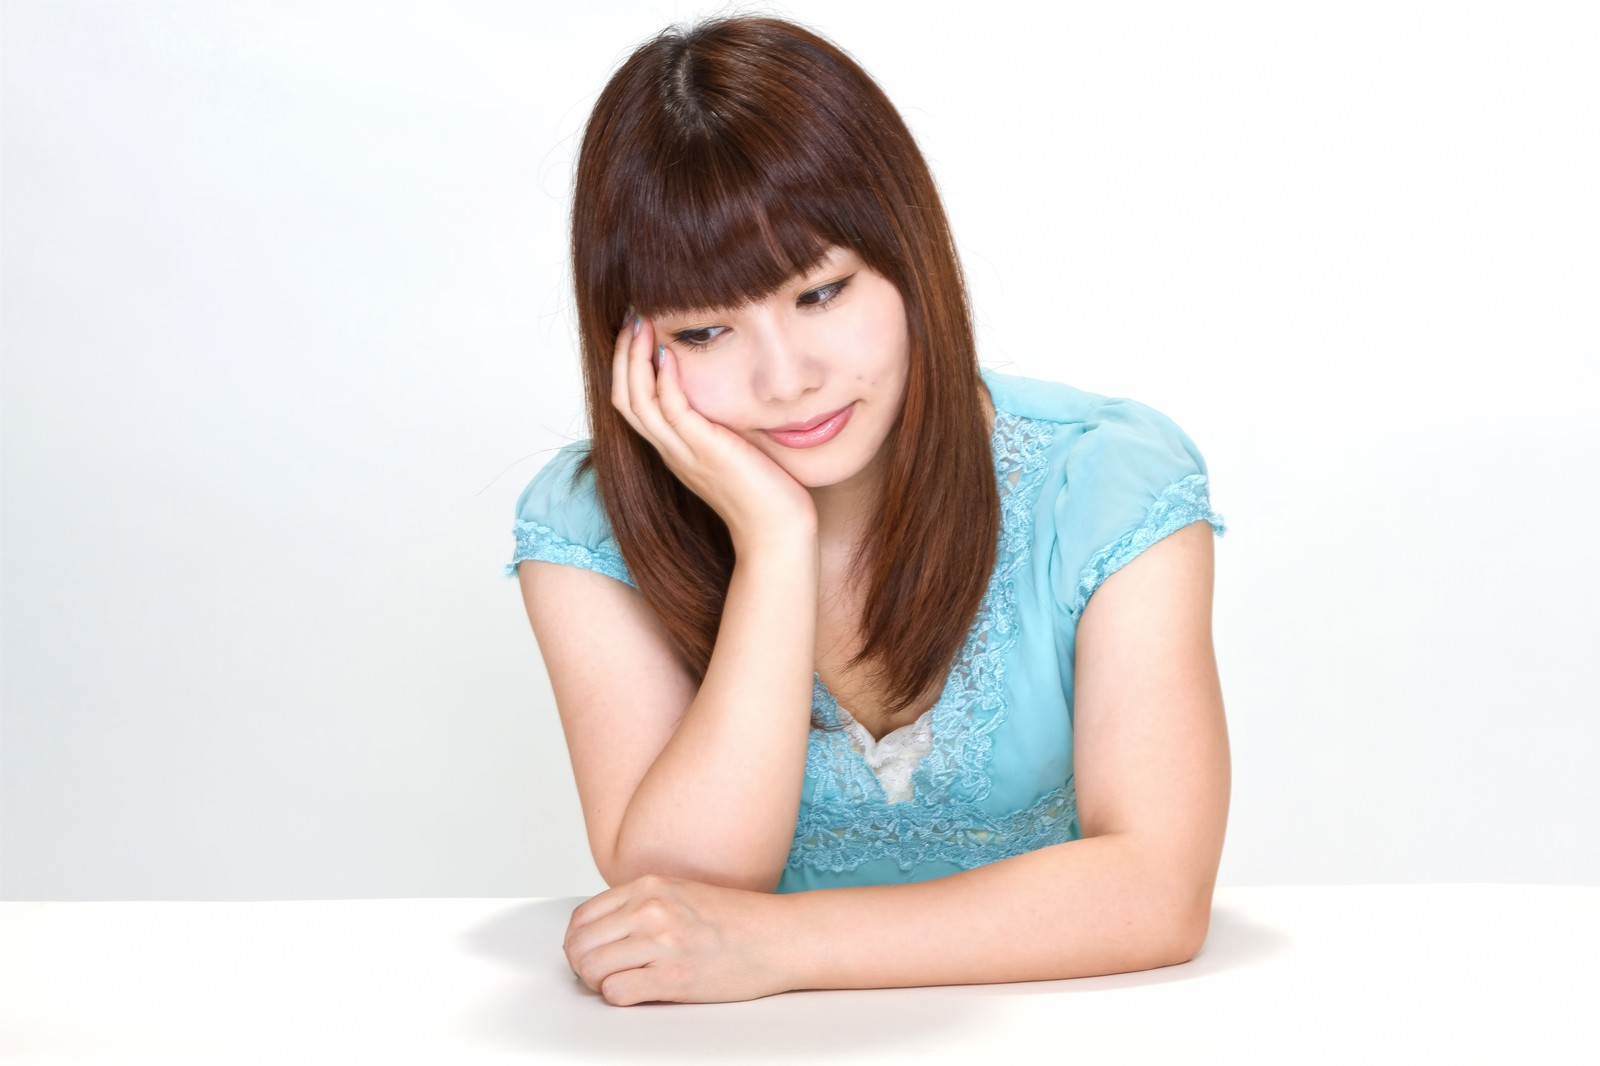 痛い女の特徴まとめ!痛い女とは職場・SNS・インスタにもいる…